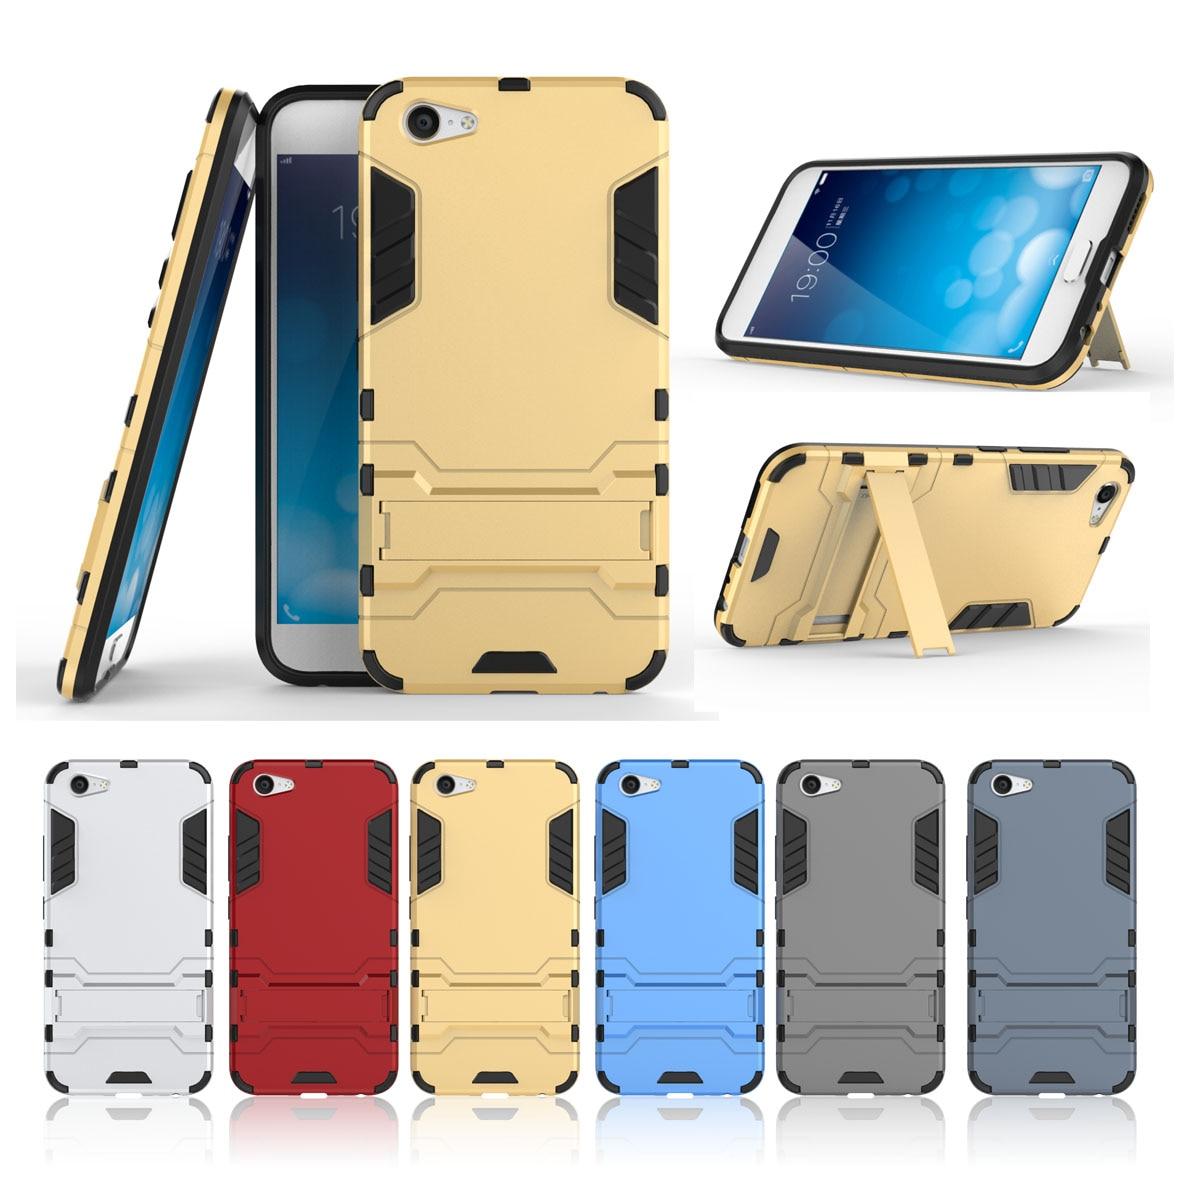 Для естественных <font><b>X9</b></font> плюс Lux жесткий Панцири задняя крышка двойной Слои классный телефон В виде ракушки стенд принципиально Капа случай 2 в 1 п&#8230;